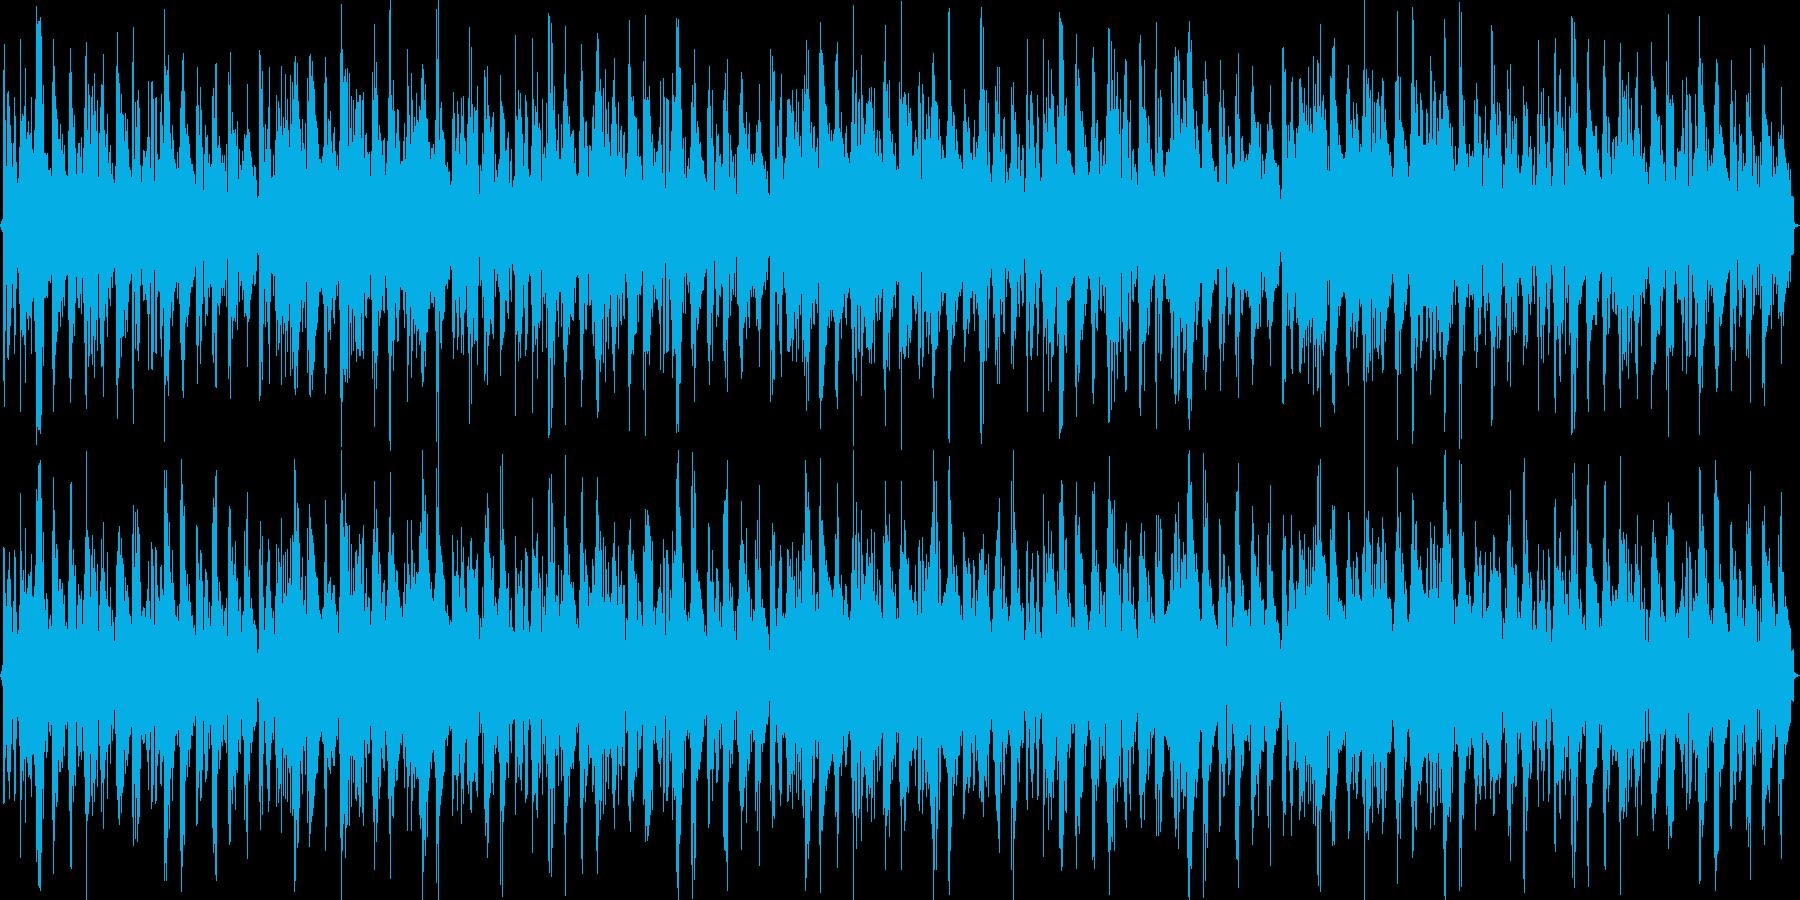 DJ用やループBGMとして使えるトランスの再生済みの波形